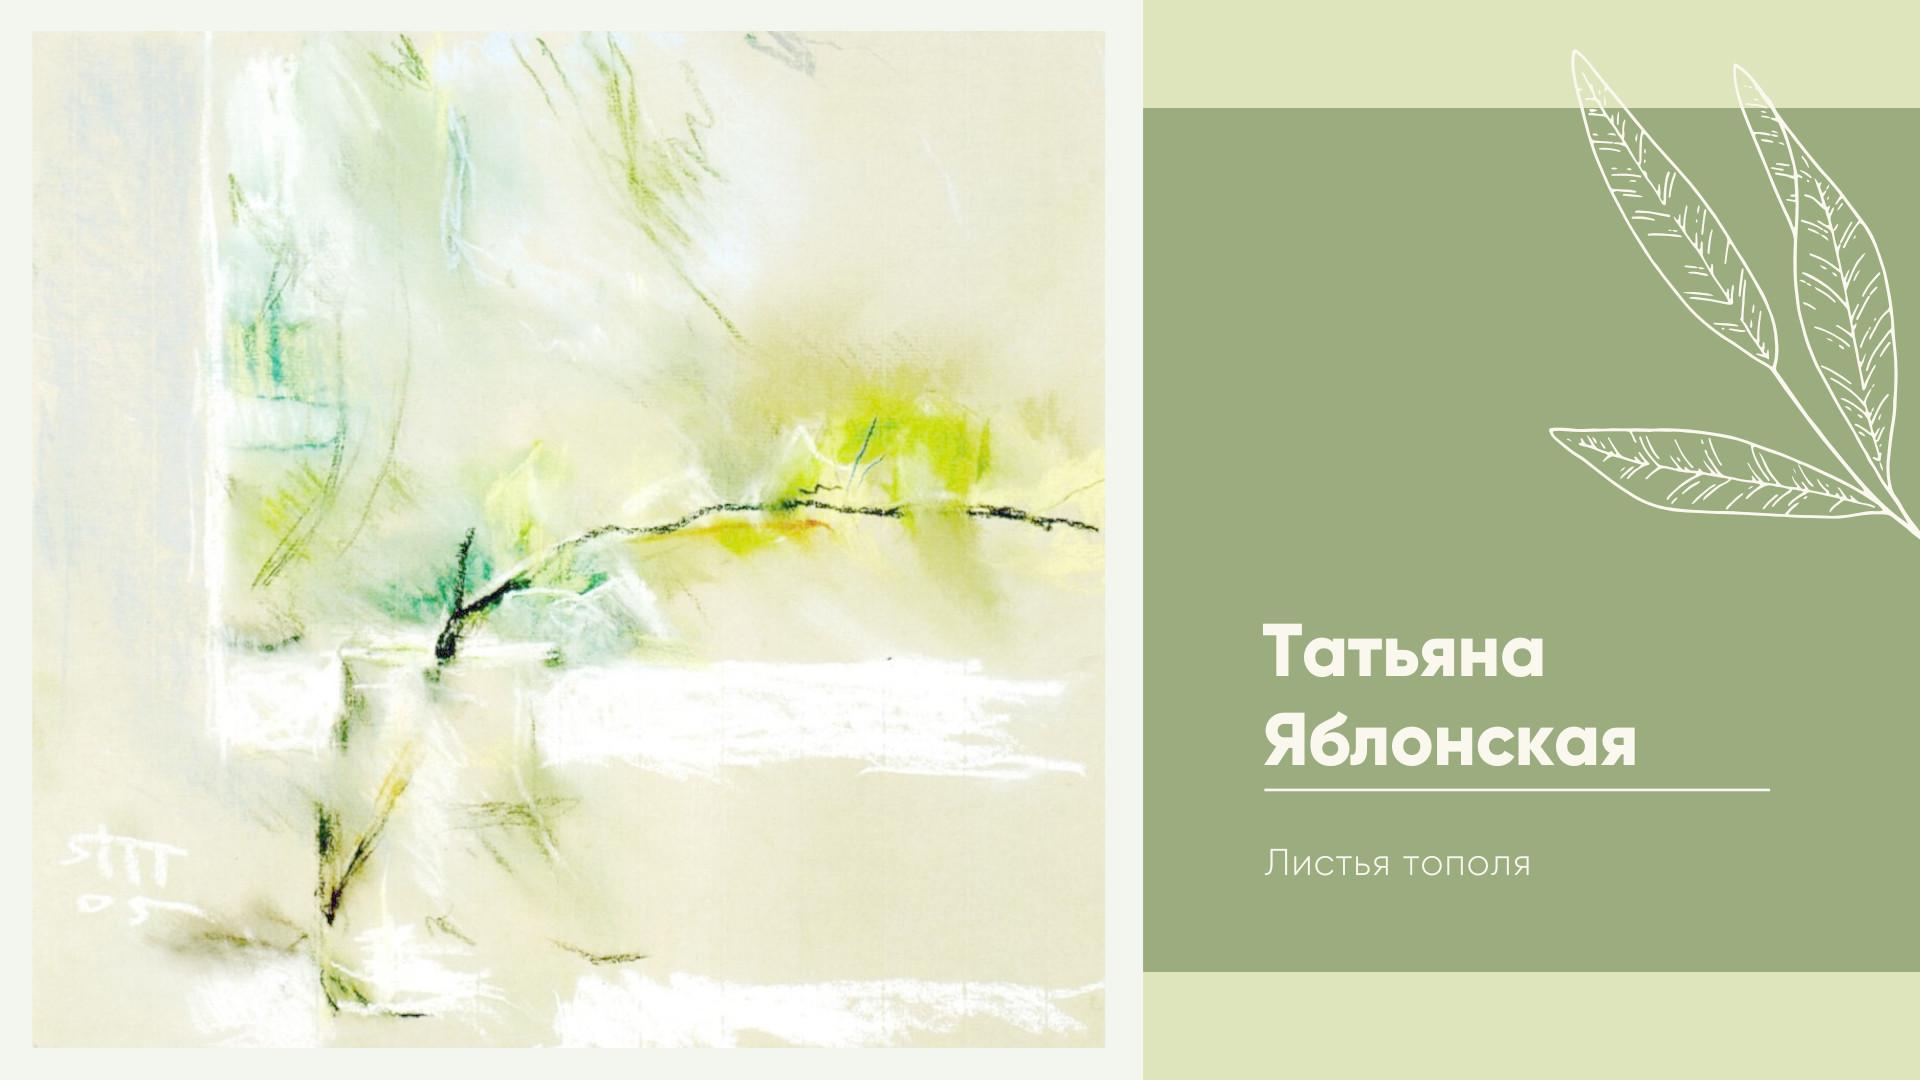 История одной картины: Татьяна Яблонская - Листья Тополя